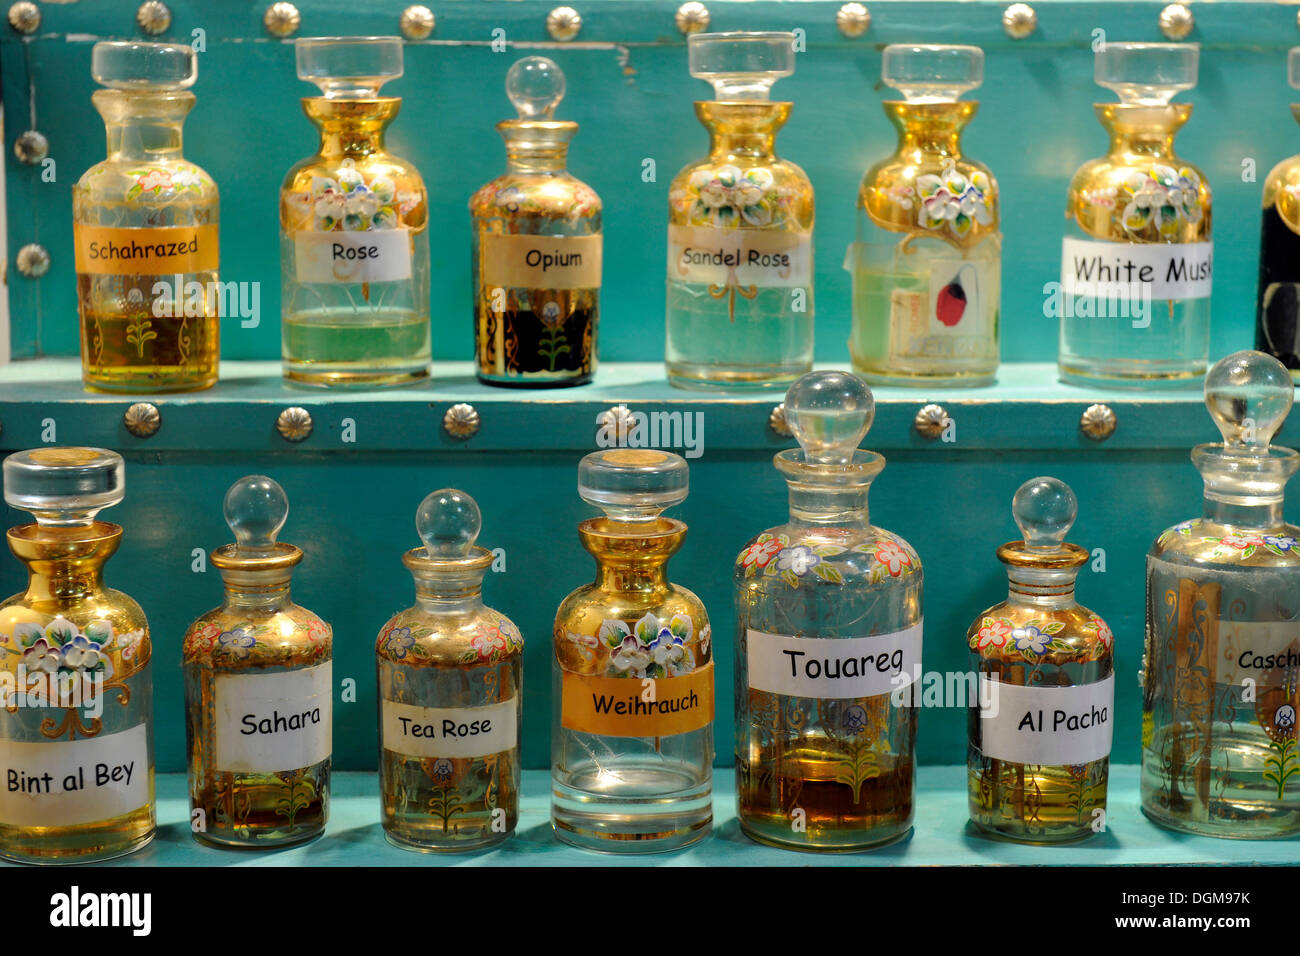 Verschiedene orientalische Duftessenzen in orientalischen Flaschen Stockbild